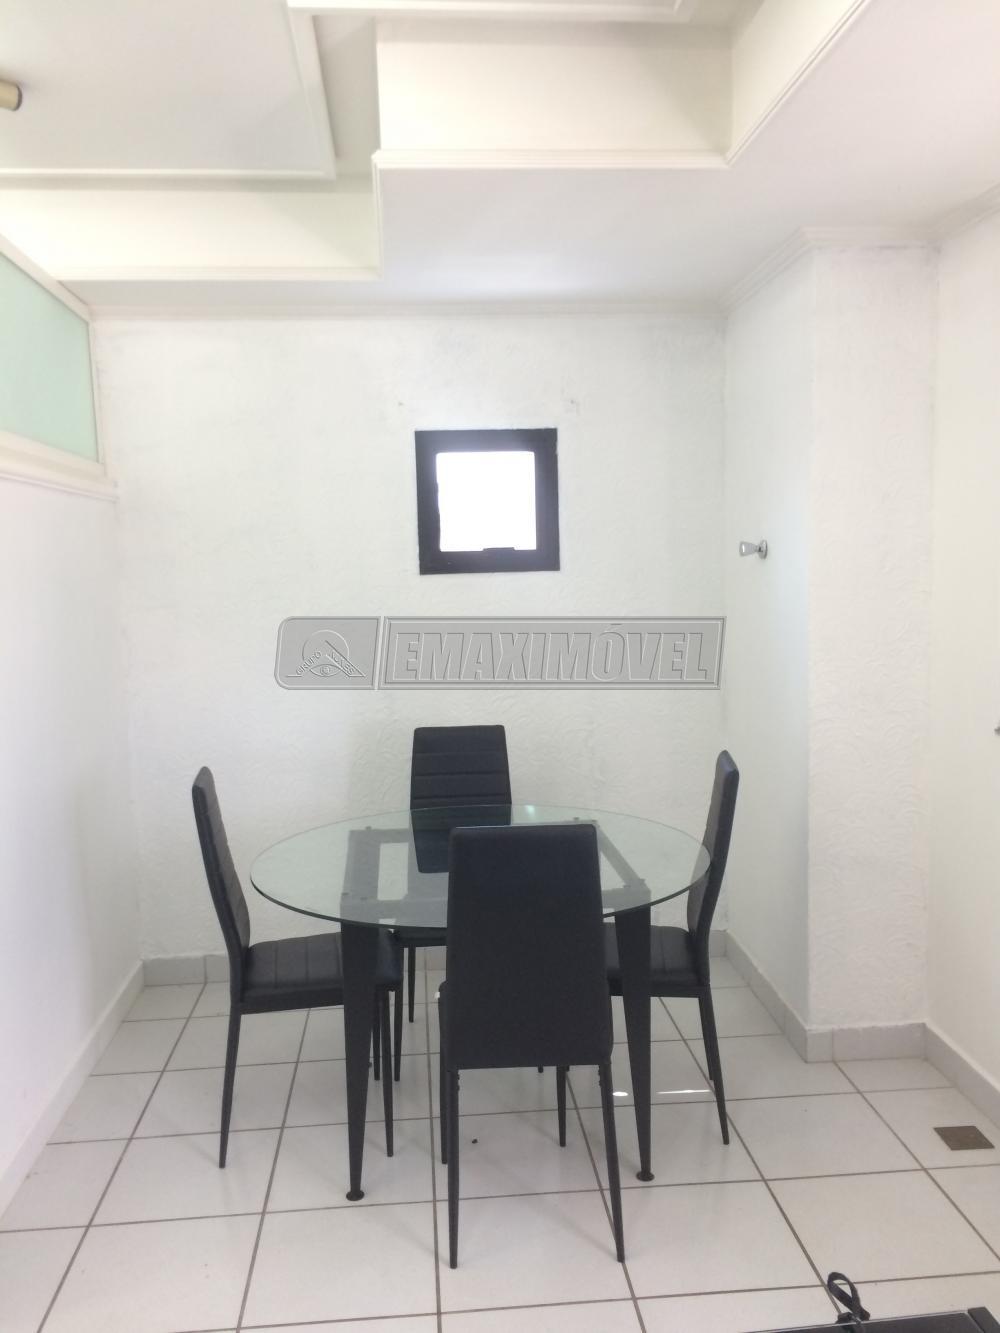 Alugar Comercial / Prédios em Sorocaba apenas R$ 500,00 - Foto 3